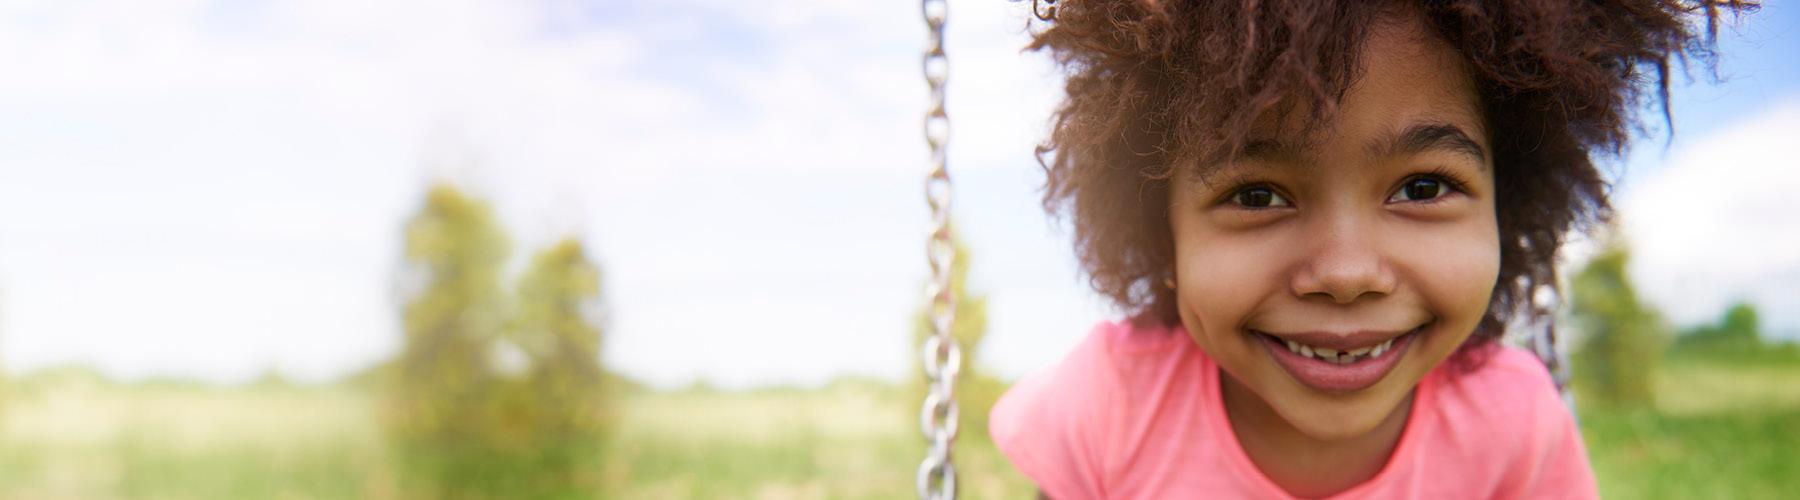 Children's GI (Gastroenterology) - University of Mississippi Medical